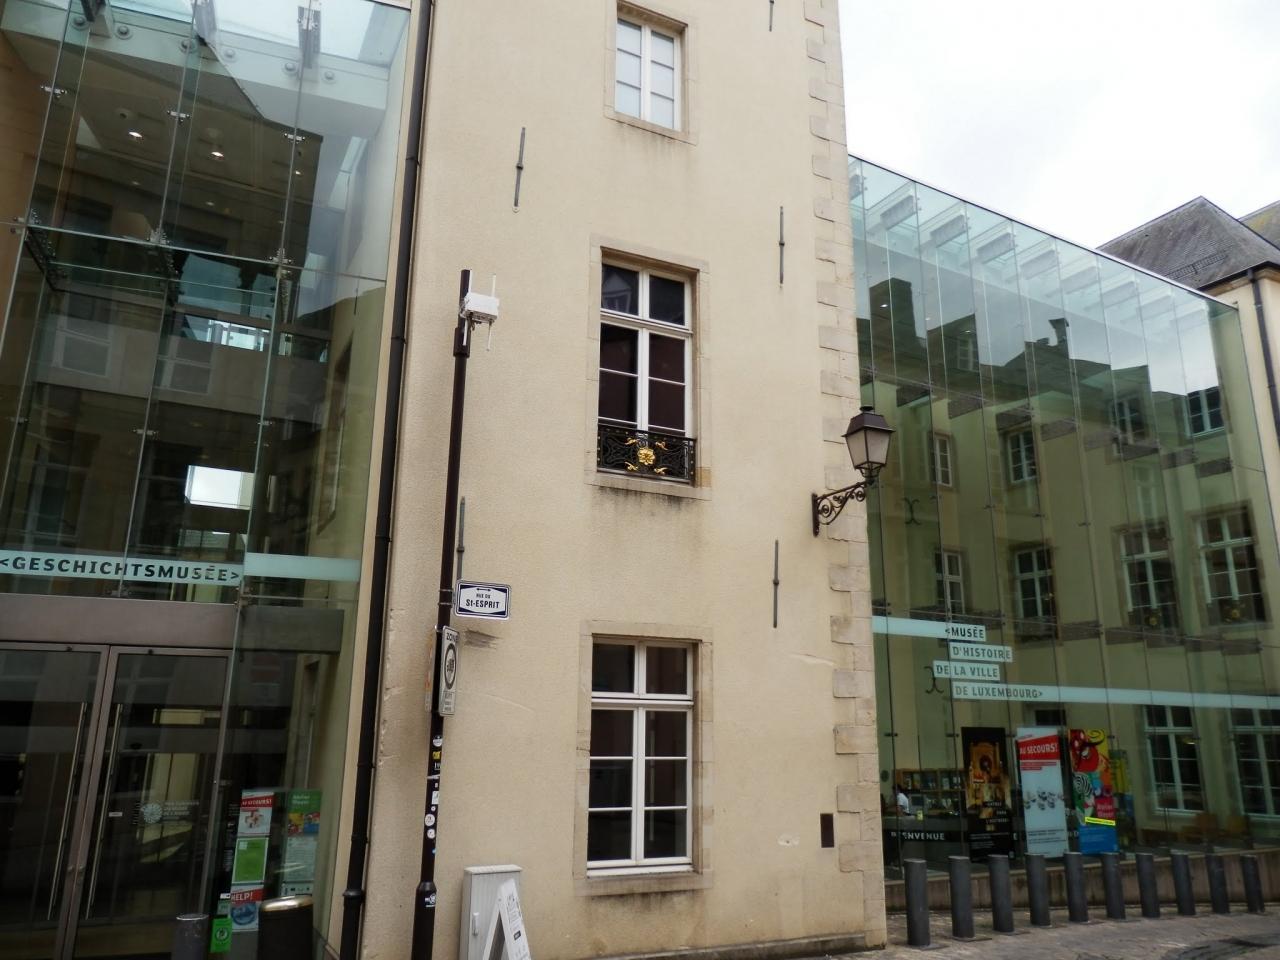 ルクセンブルク市の画像 p1_24